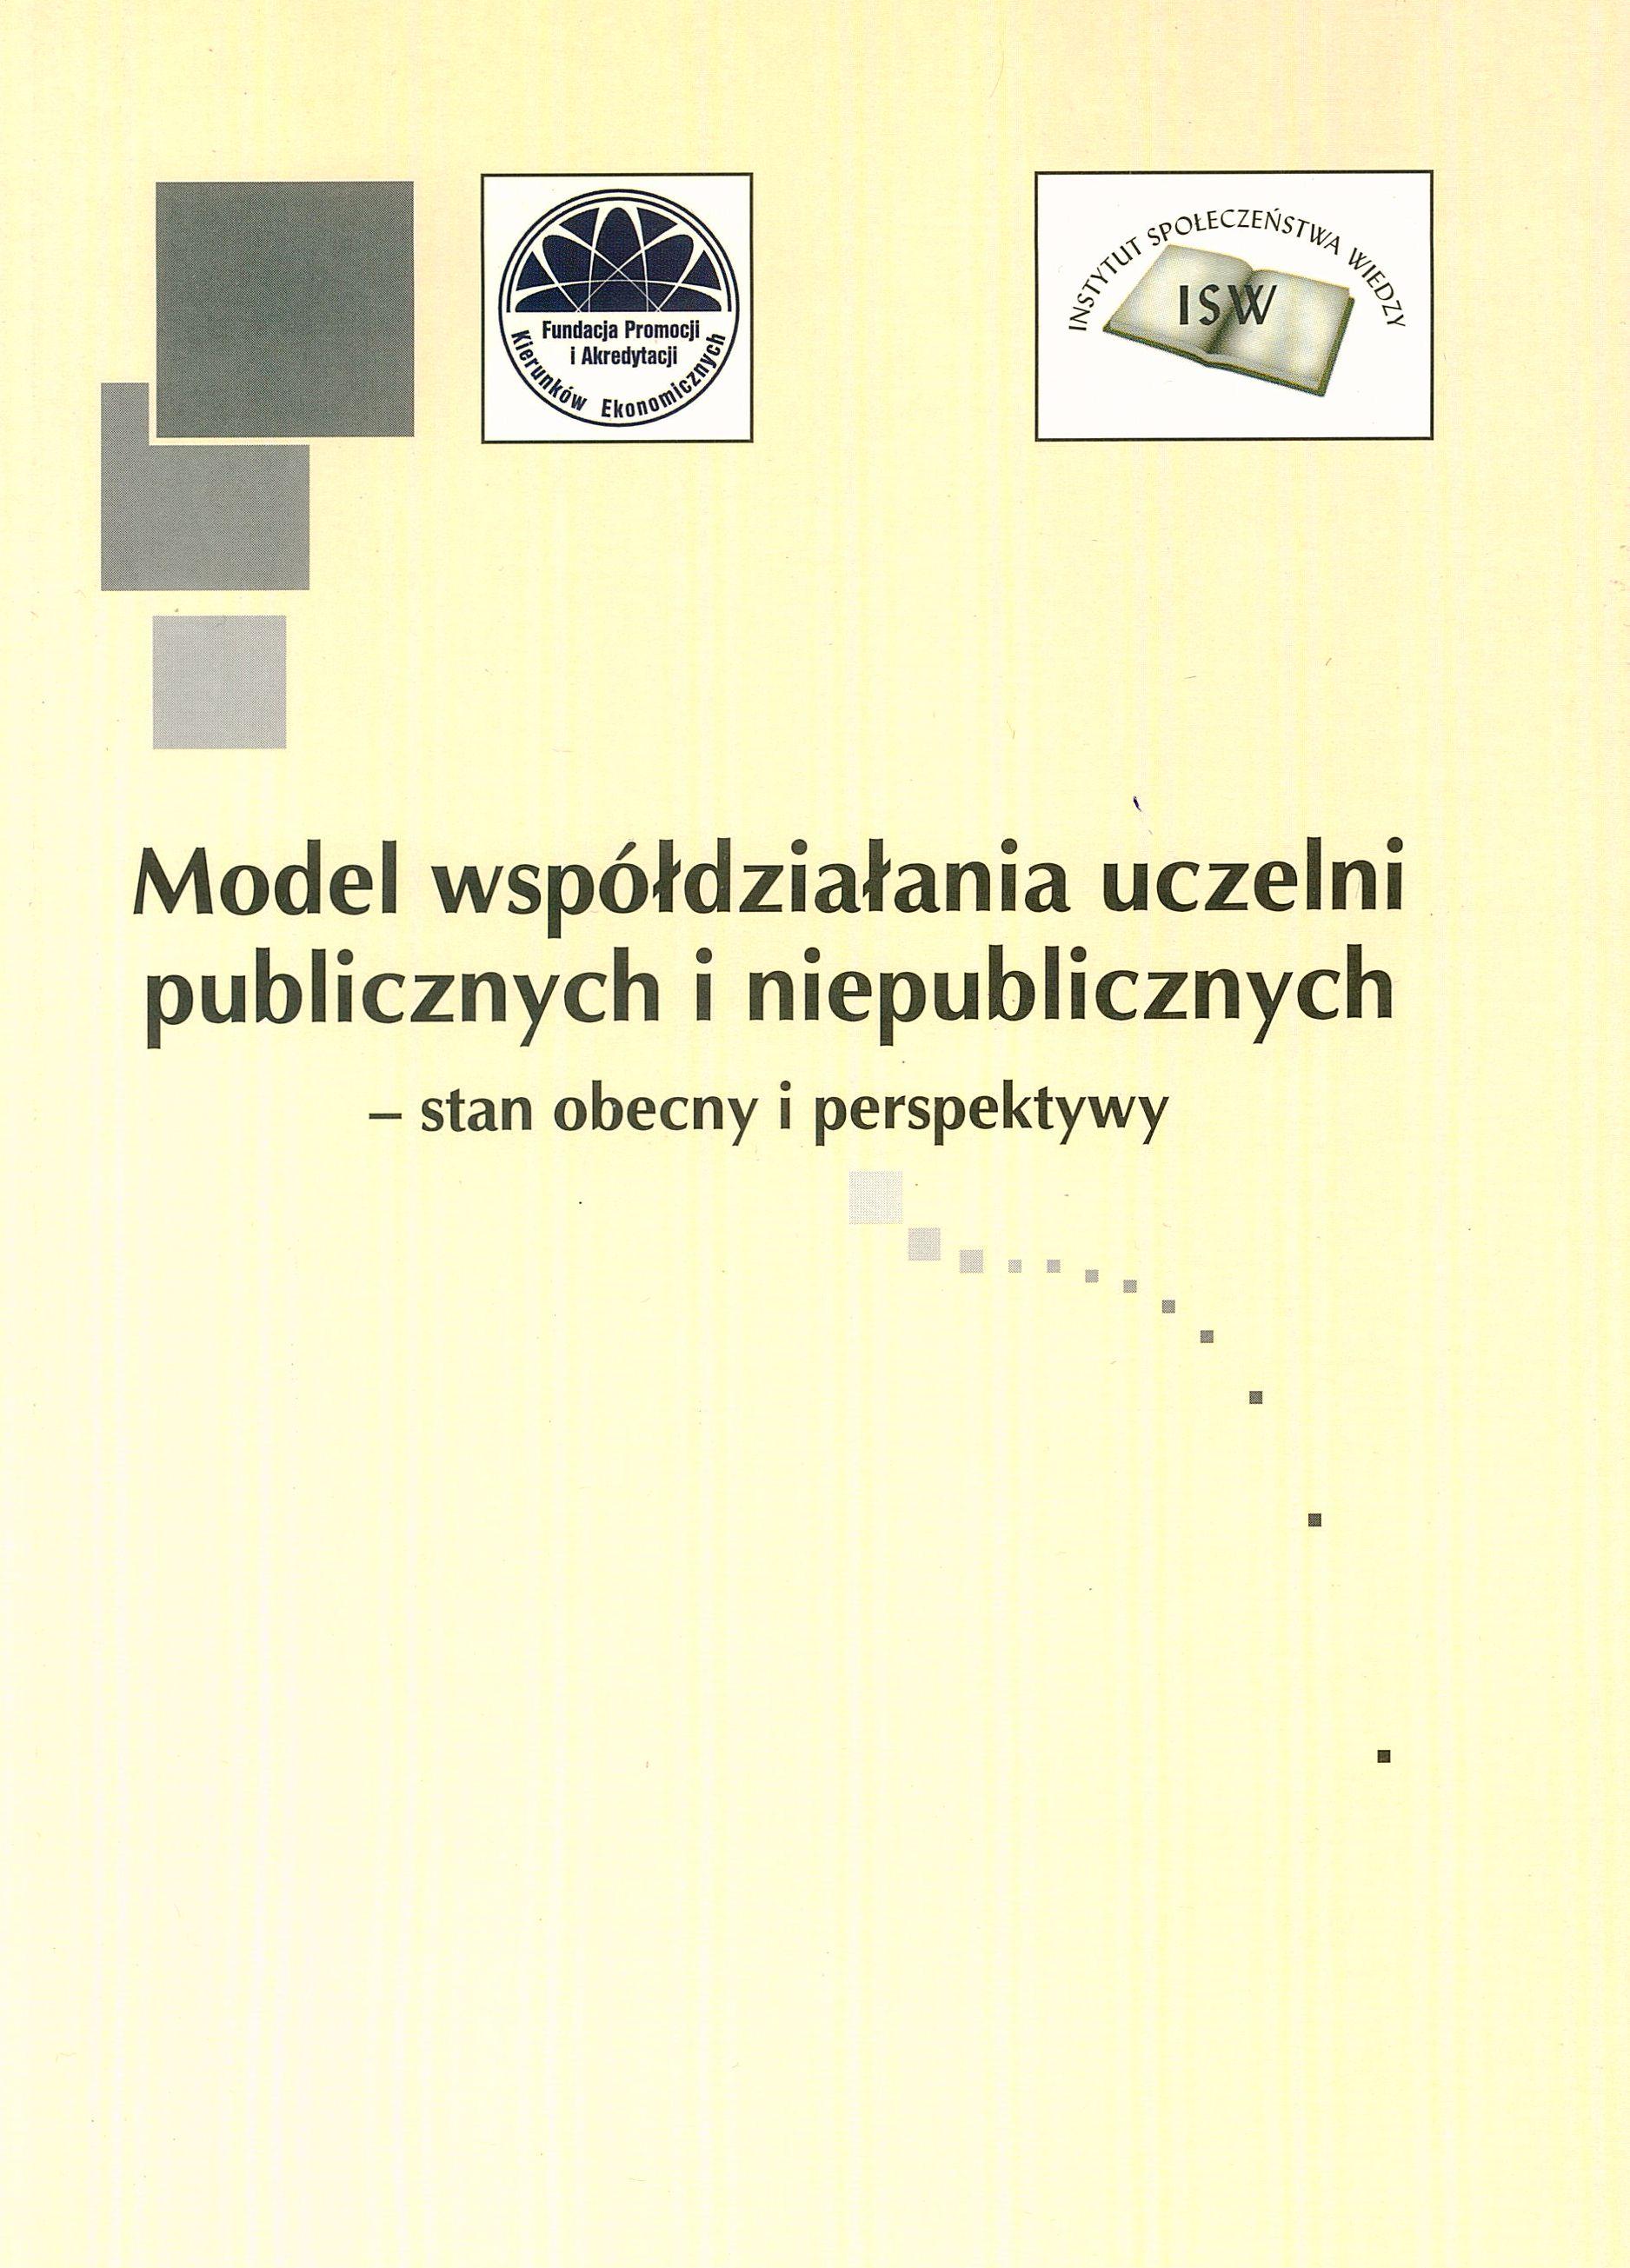 Model współdziałania uczelni poblicznych i niepublicznych - stan obecny i perspektywy